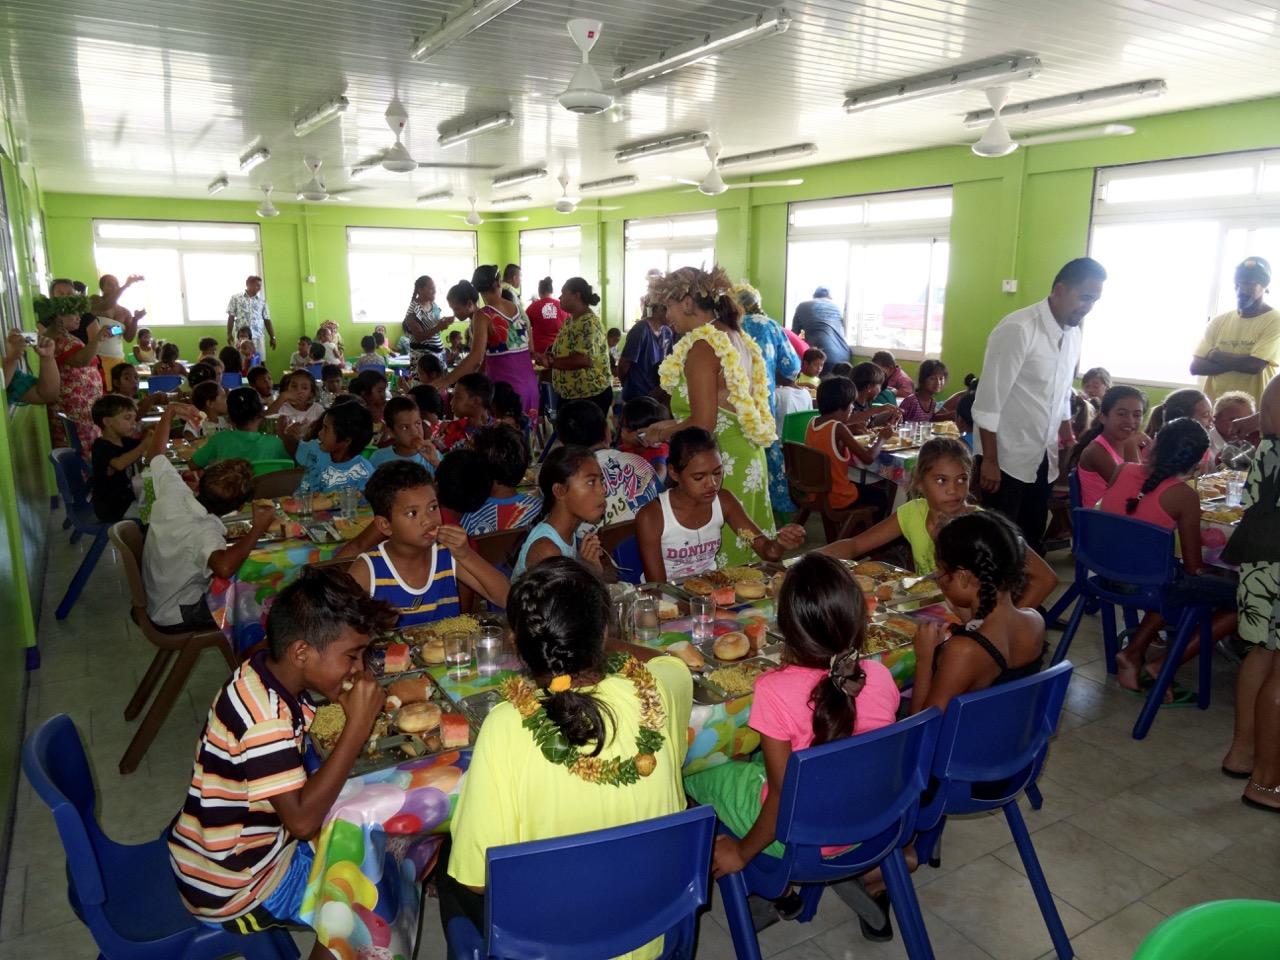 La restauration scolaire une pr occupation pour les communes for Emploi restauration cantine scolaire